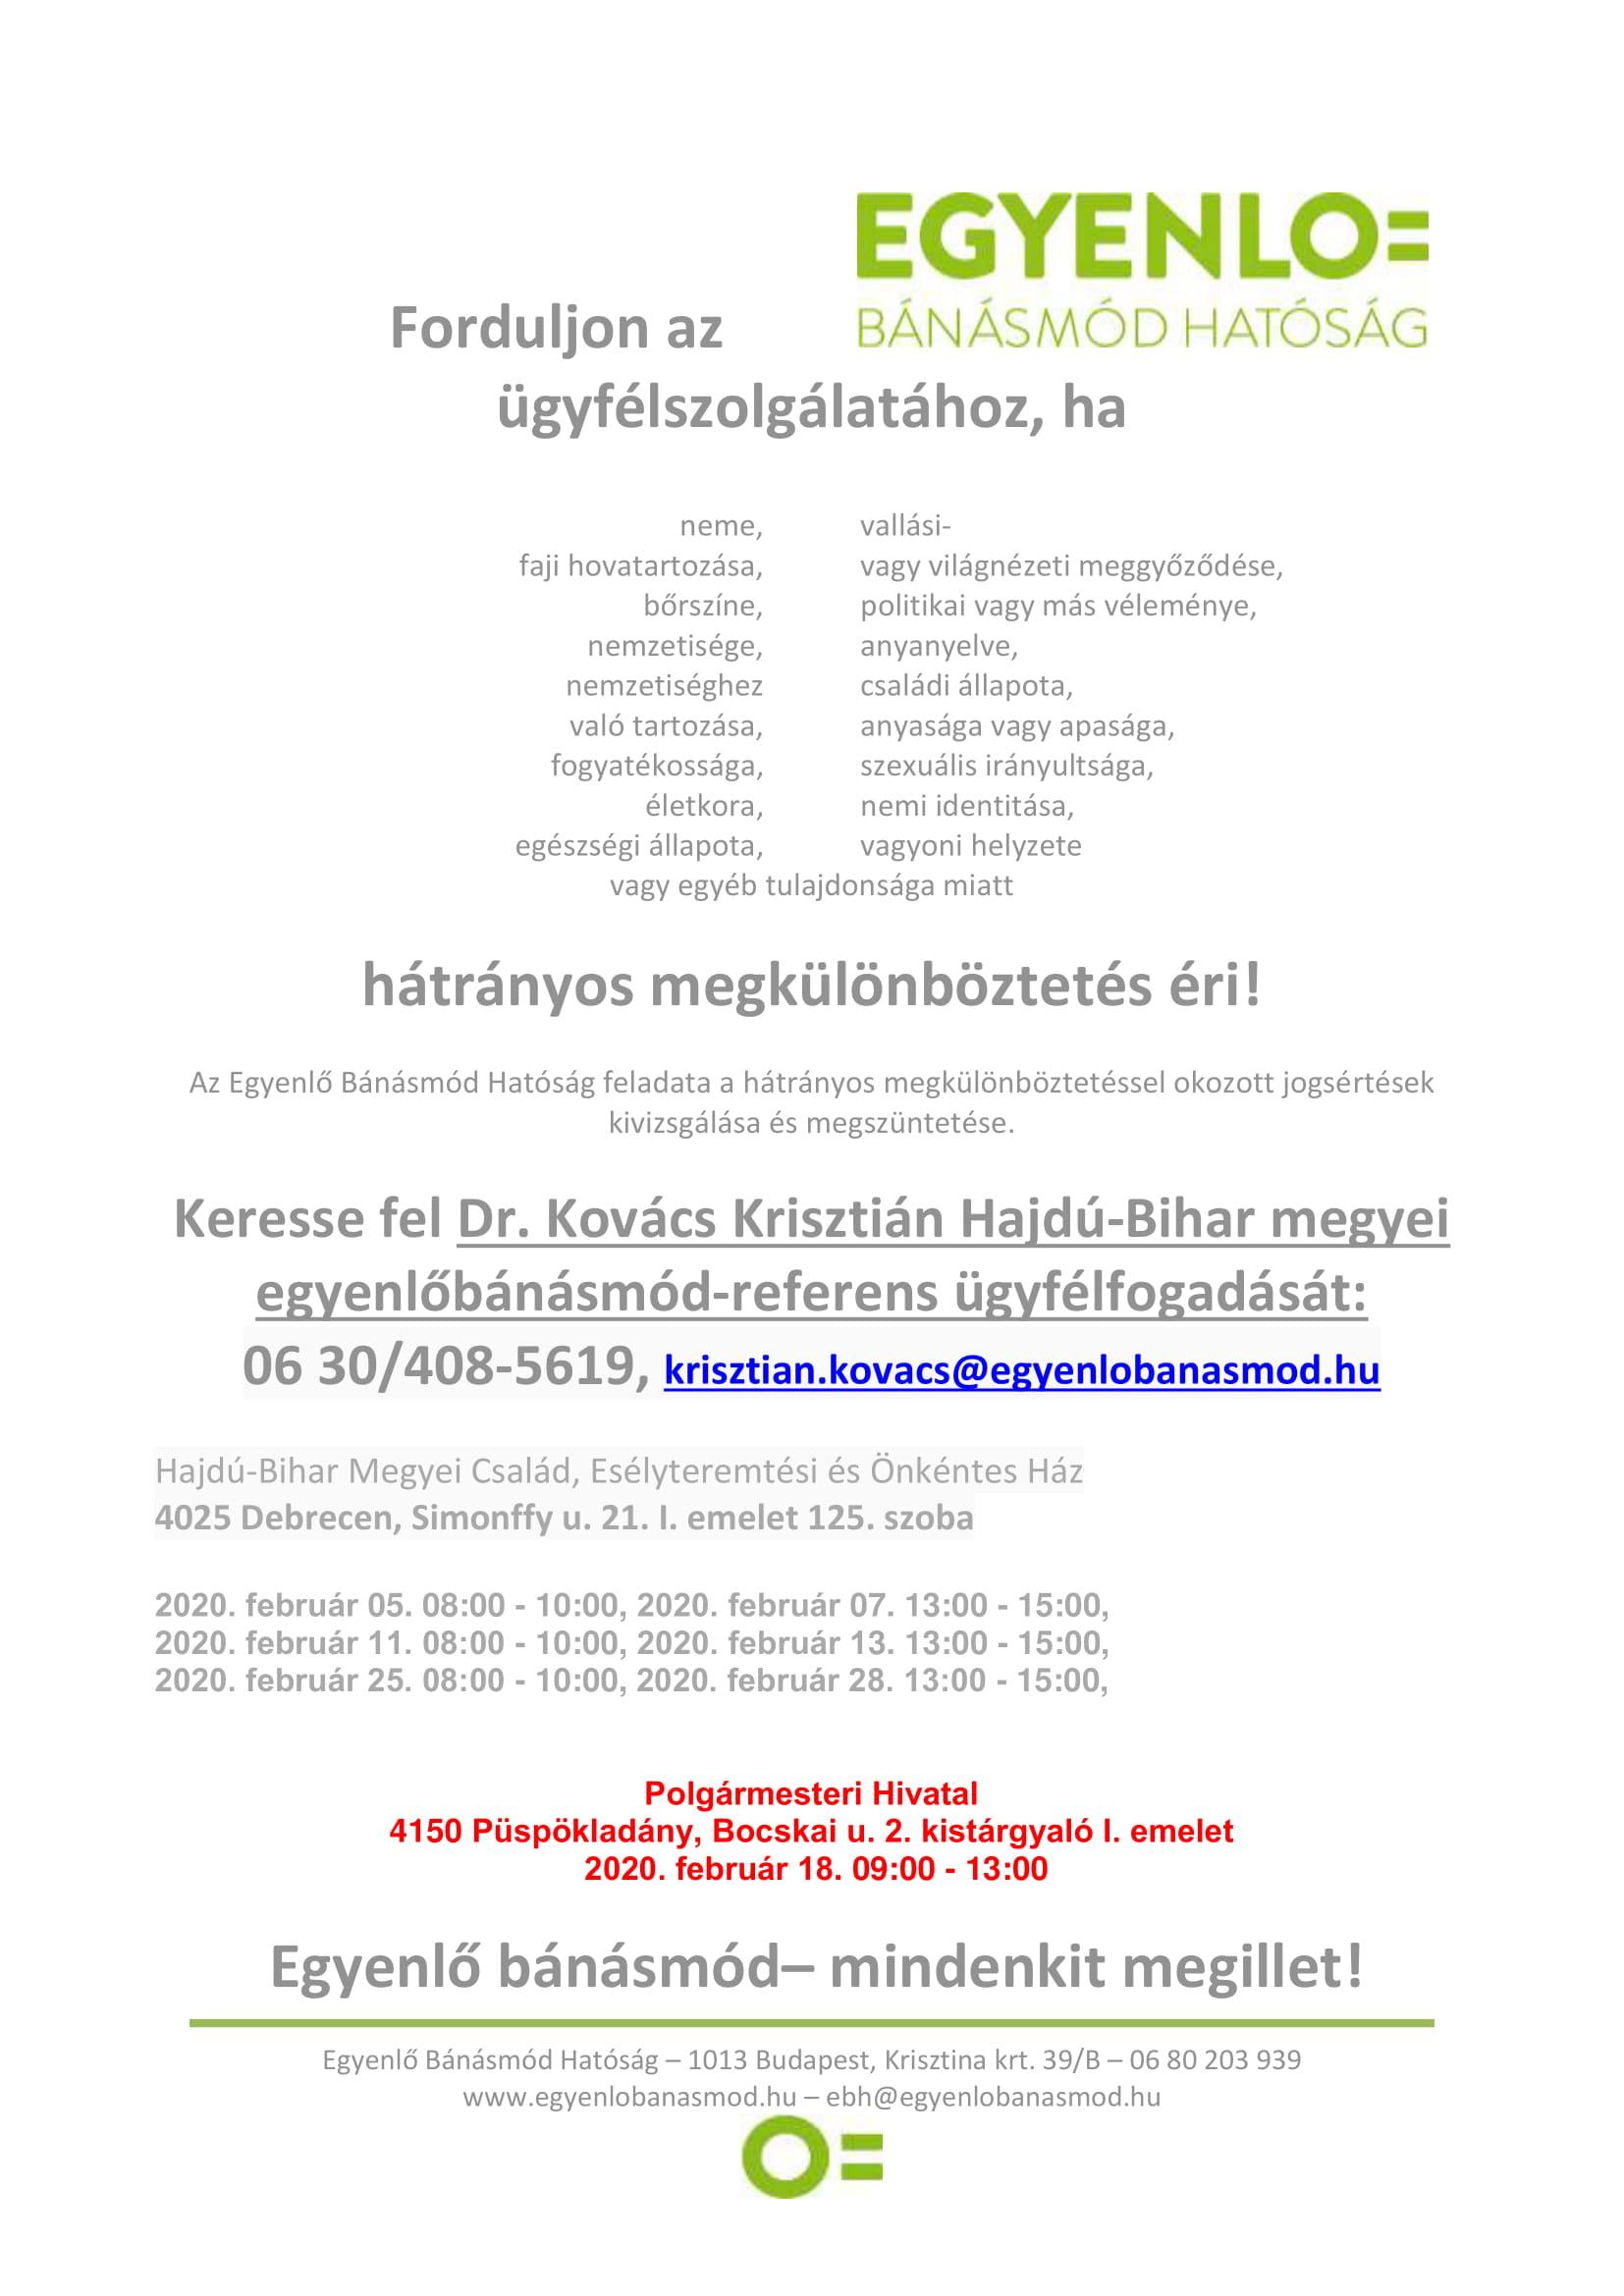 Egyenlő Bánásmód Hatóság -  2020 februári ügyfélfogadása